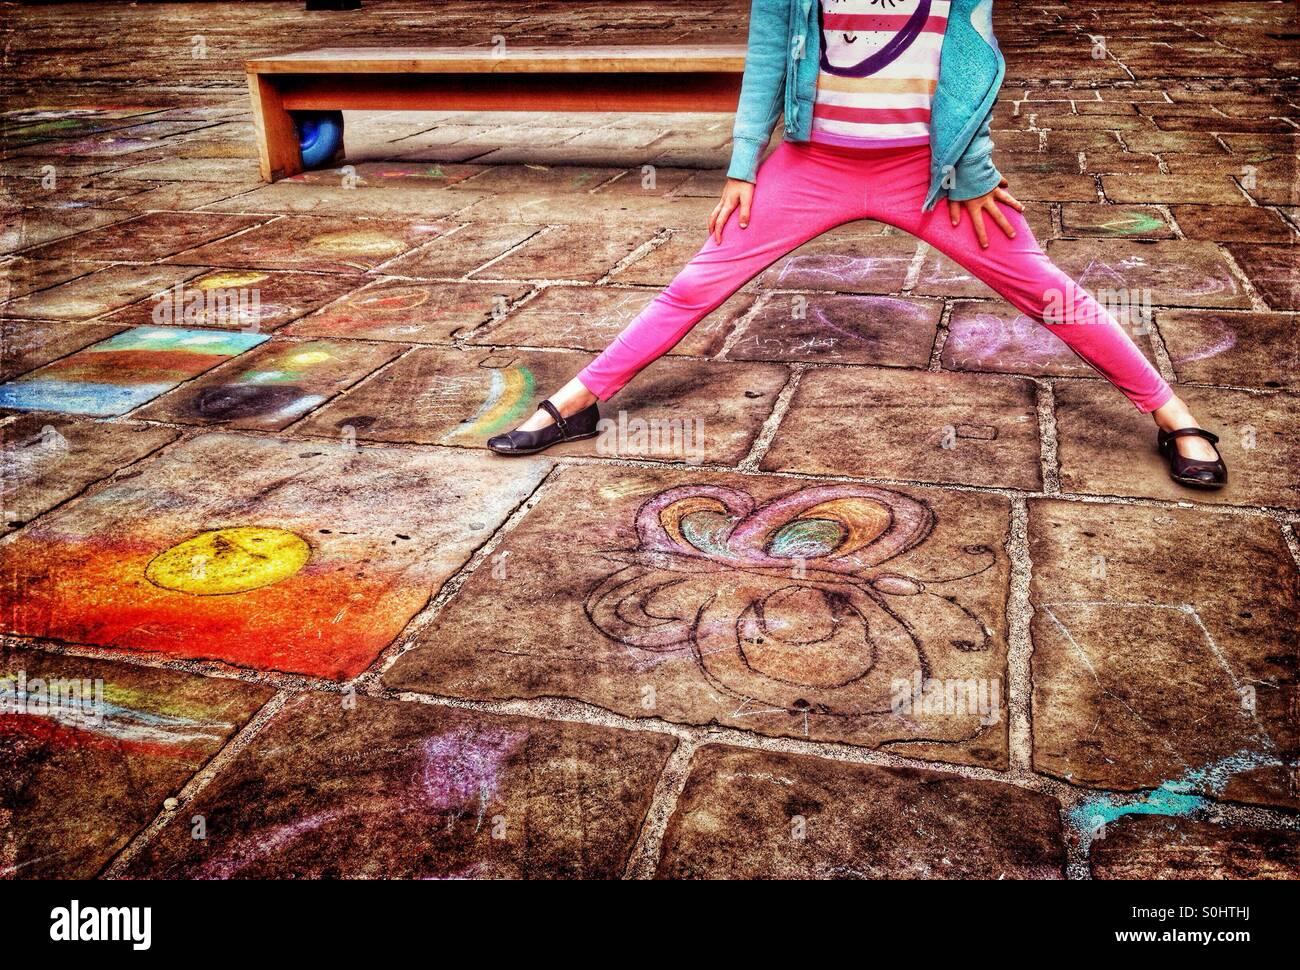 Jeune fille debout sur la chaussée couverte de dessins au pastel Photo Stock